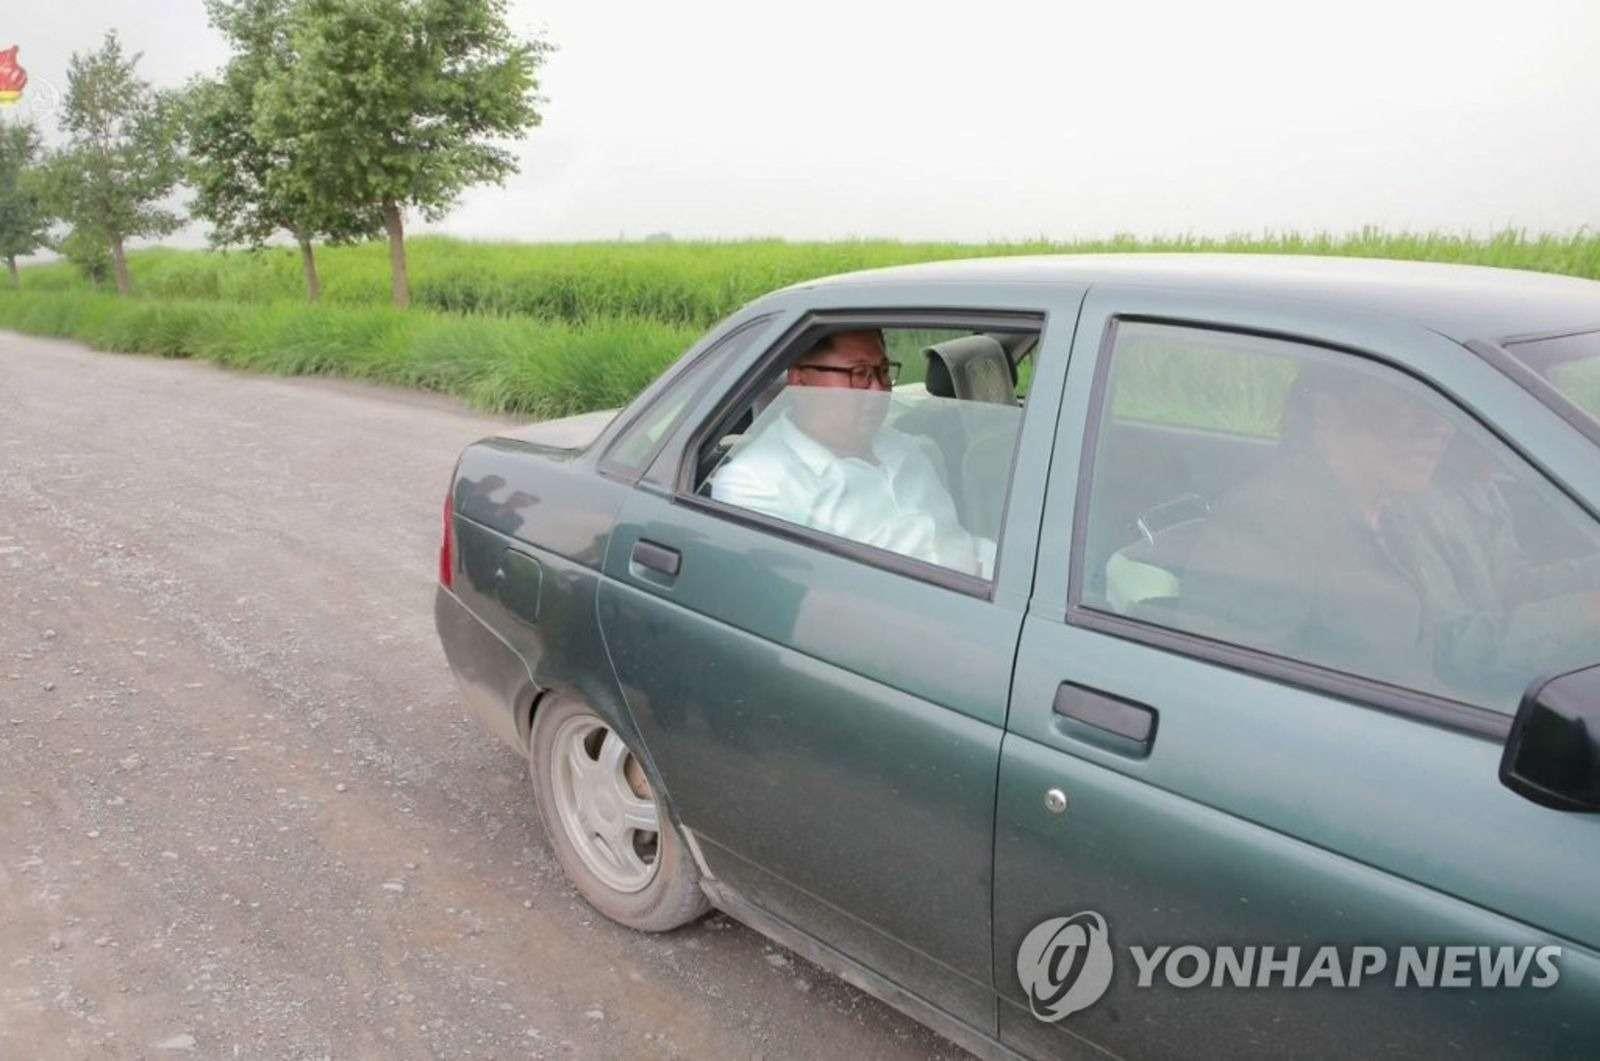 10автомобилей мировых лидеров: Аурус, «Зверь» идругие— фото 922533